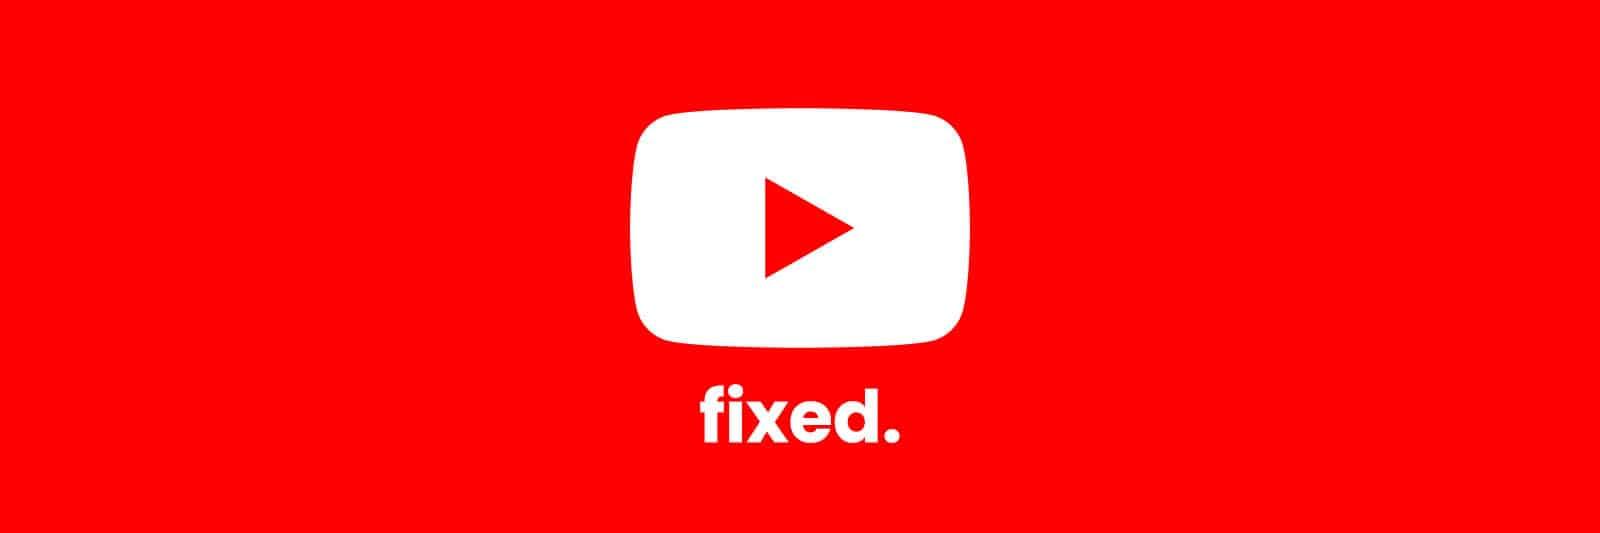 youtube-app-fixed